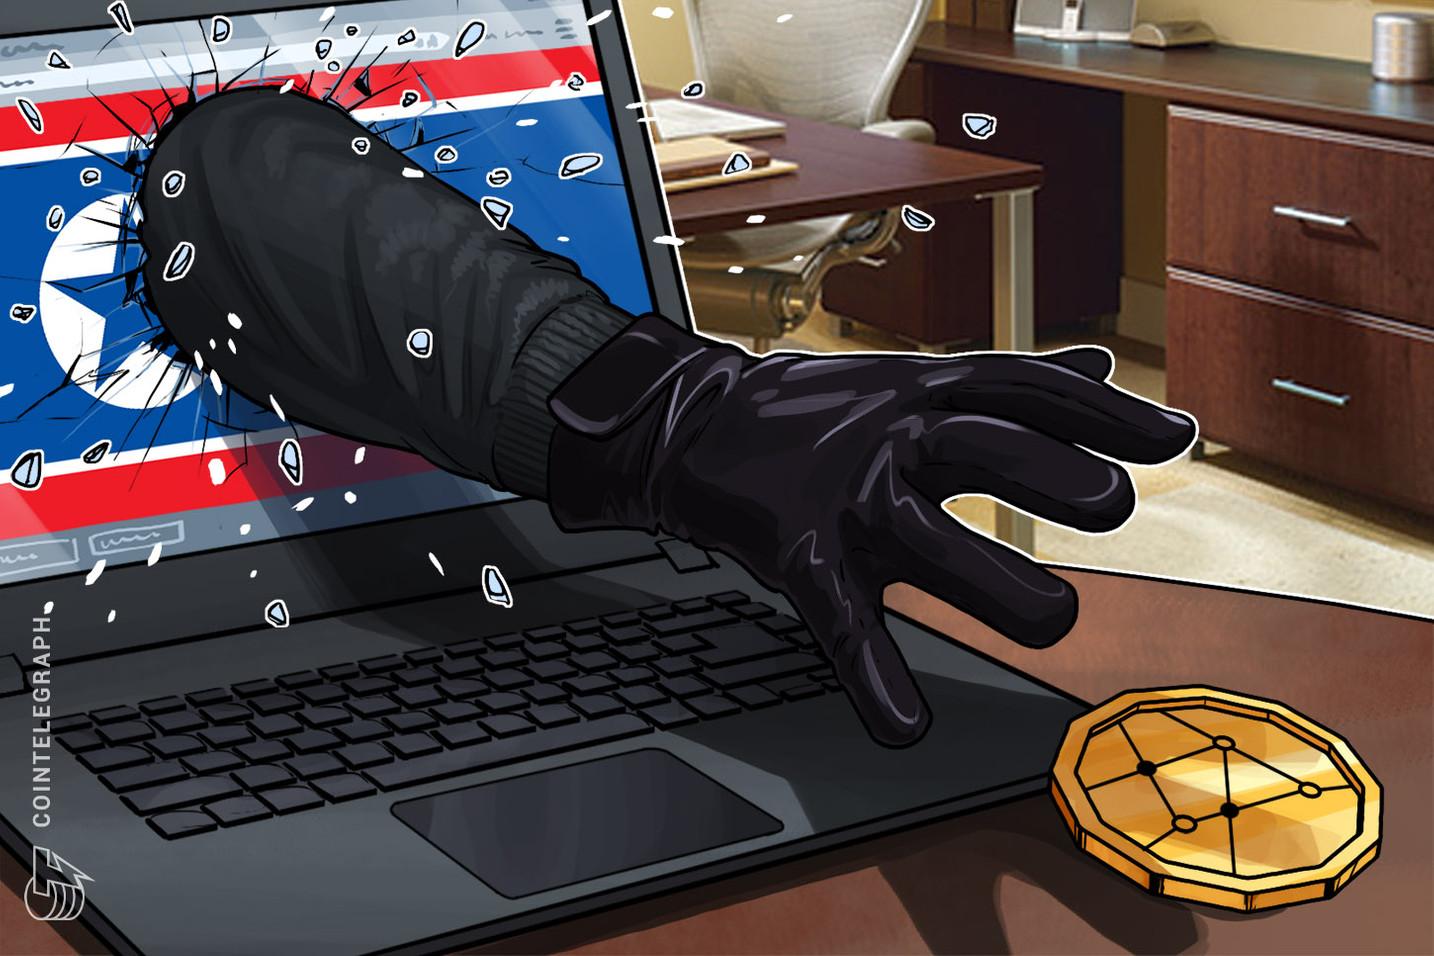 Relatório: hacks patrocinados pela Coreia do Norte abrangem 65% do total de criptomoedas roubadas